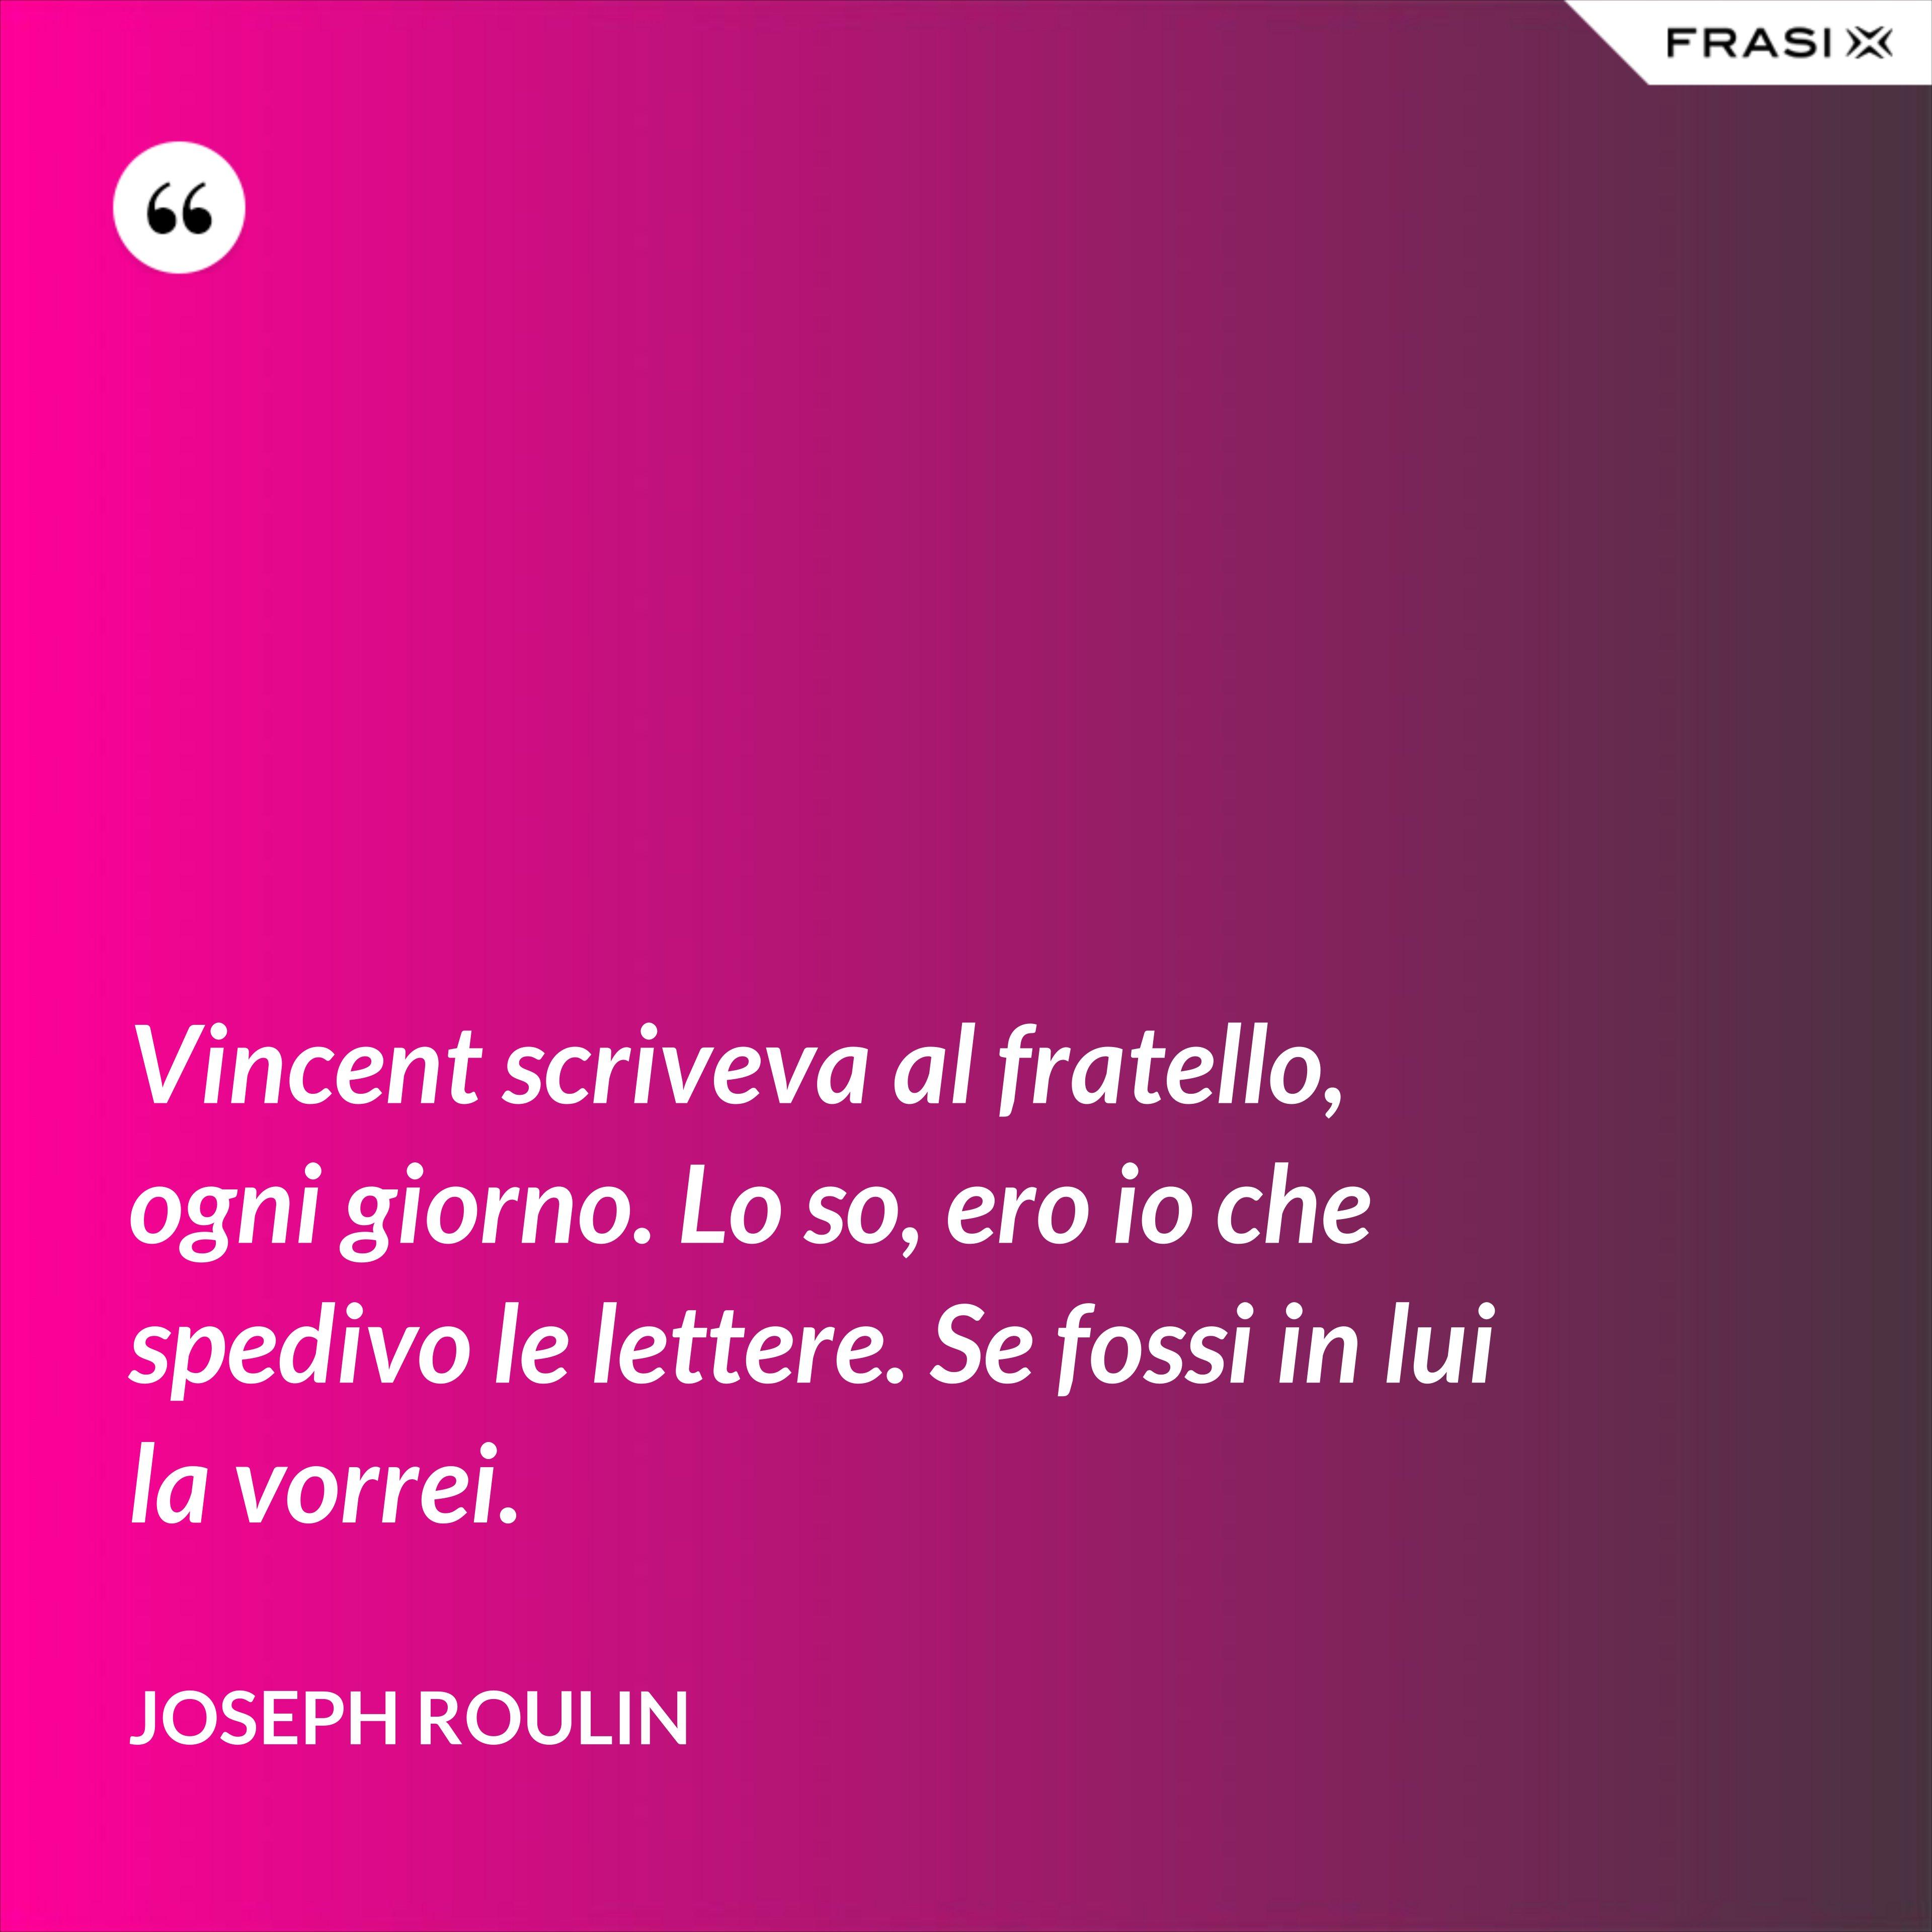 Vincent scriveva al fratello, ogni giorno. Lo so, ero io che spedivo le lettere. Se fossi in lui la vorrei. - Joseph Roulin